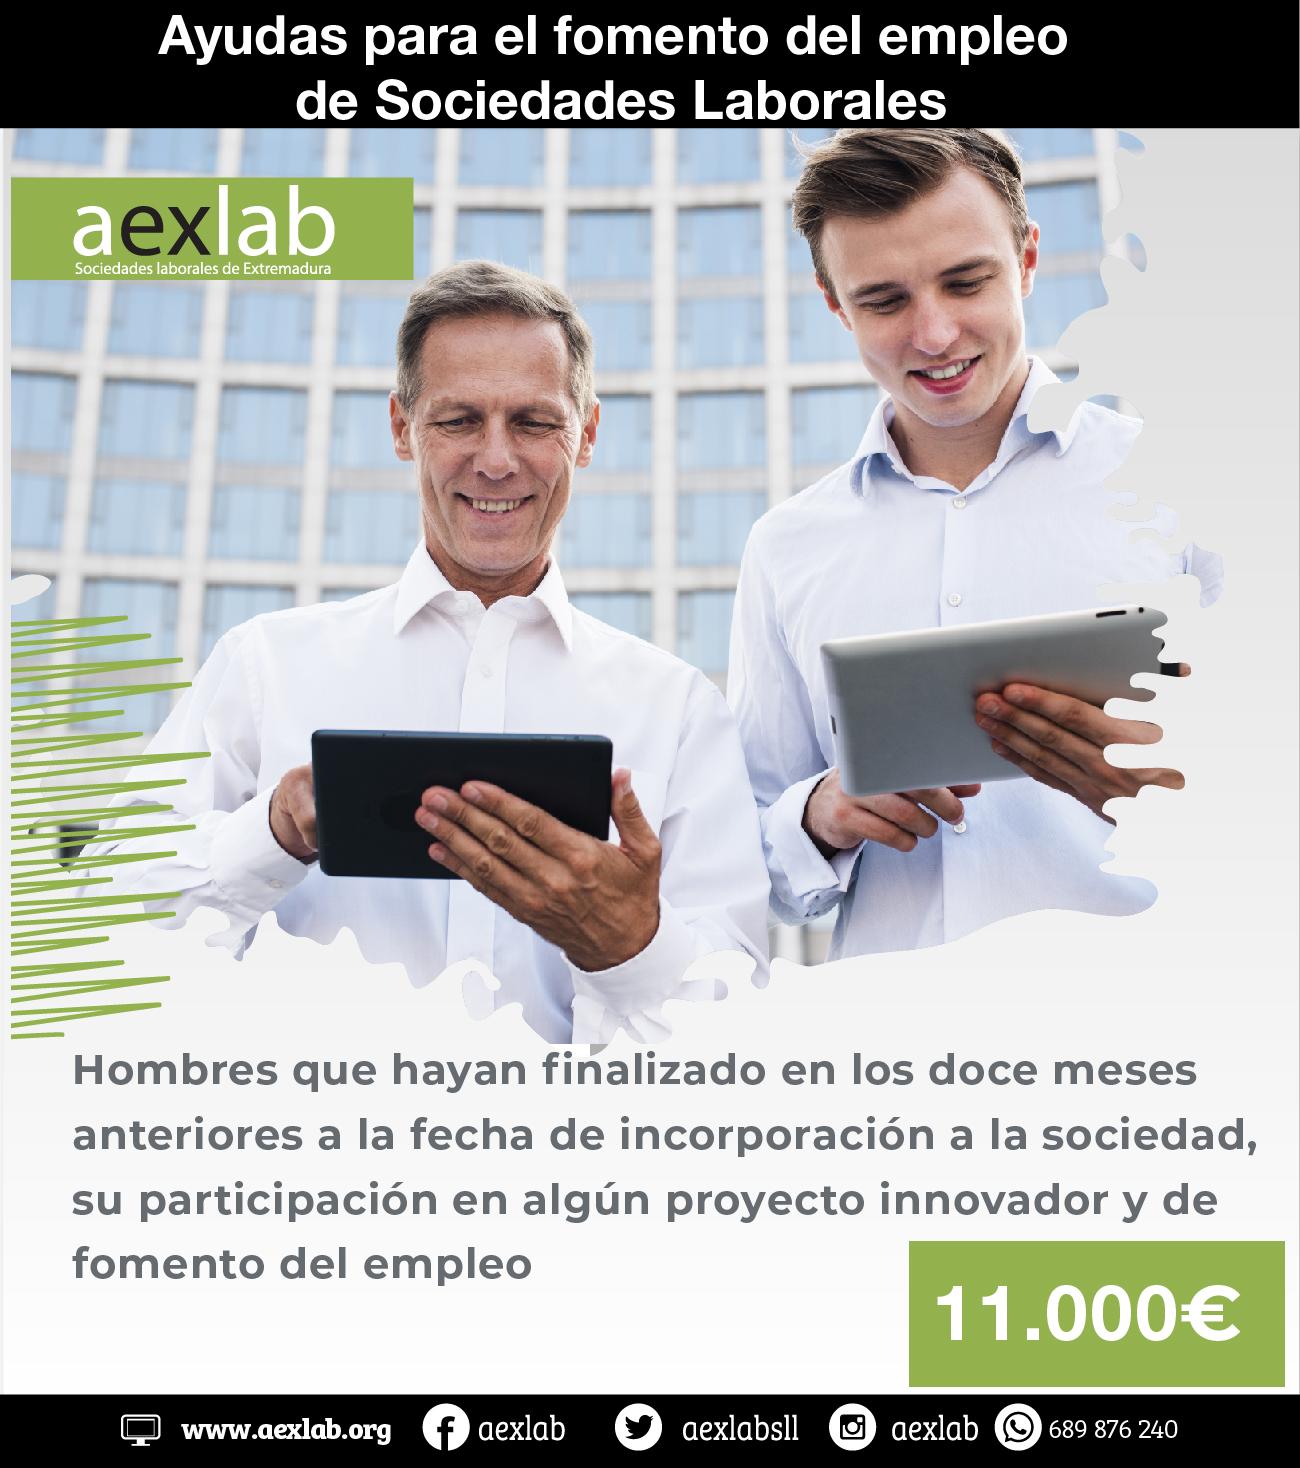 ayudas y subvenciones sociedades laborales aexlab 2021 casos-07